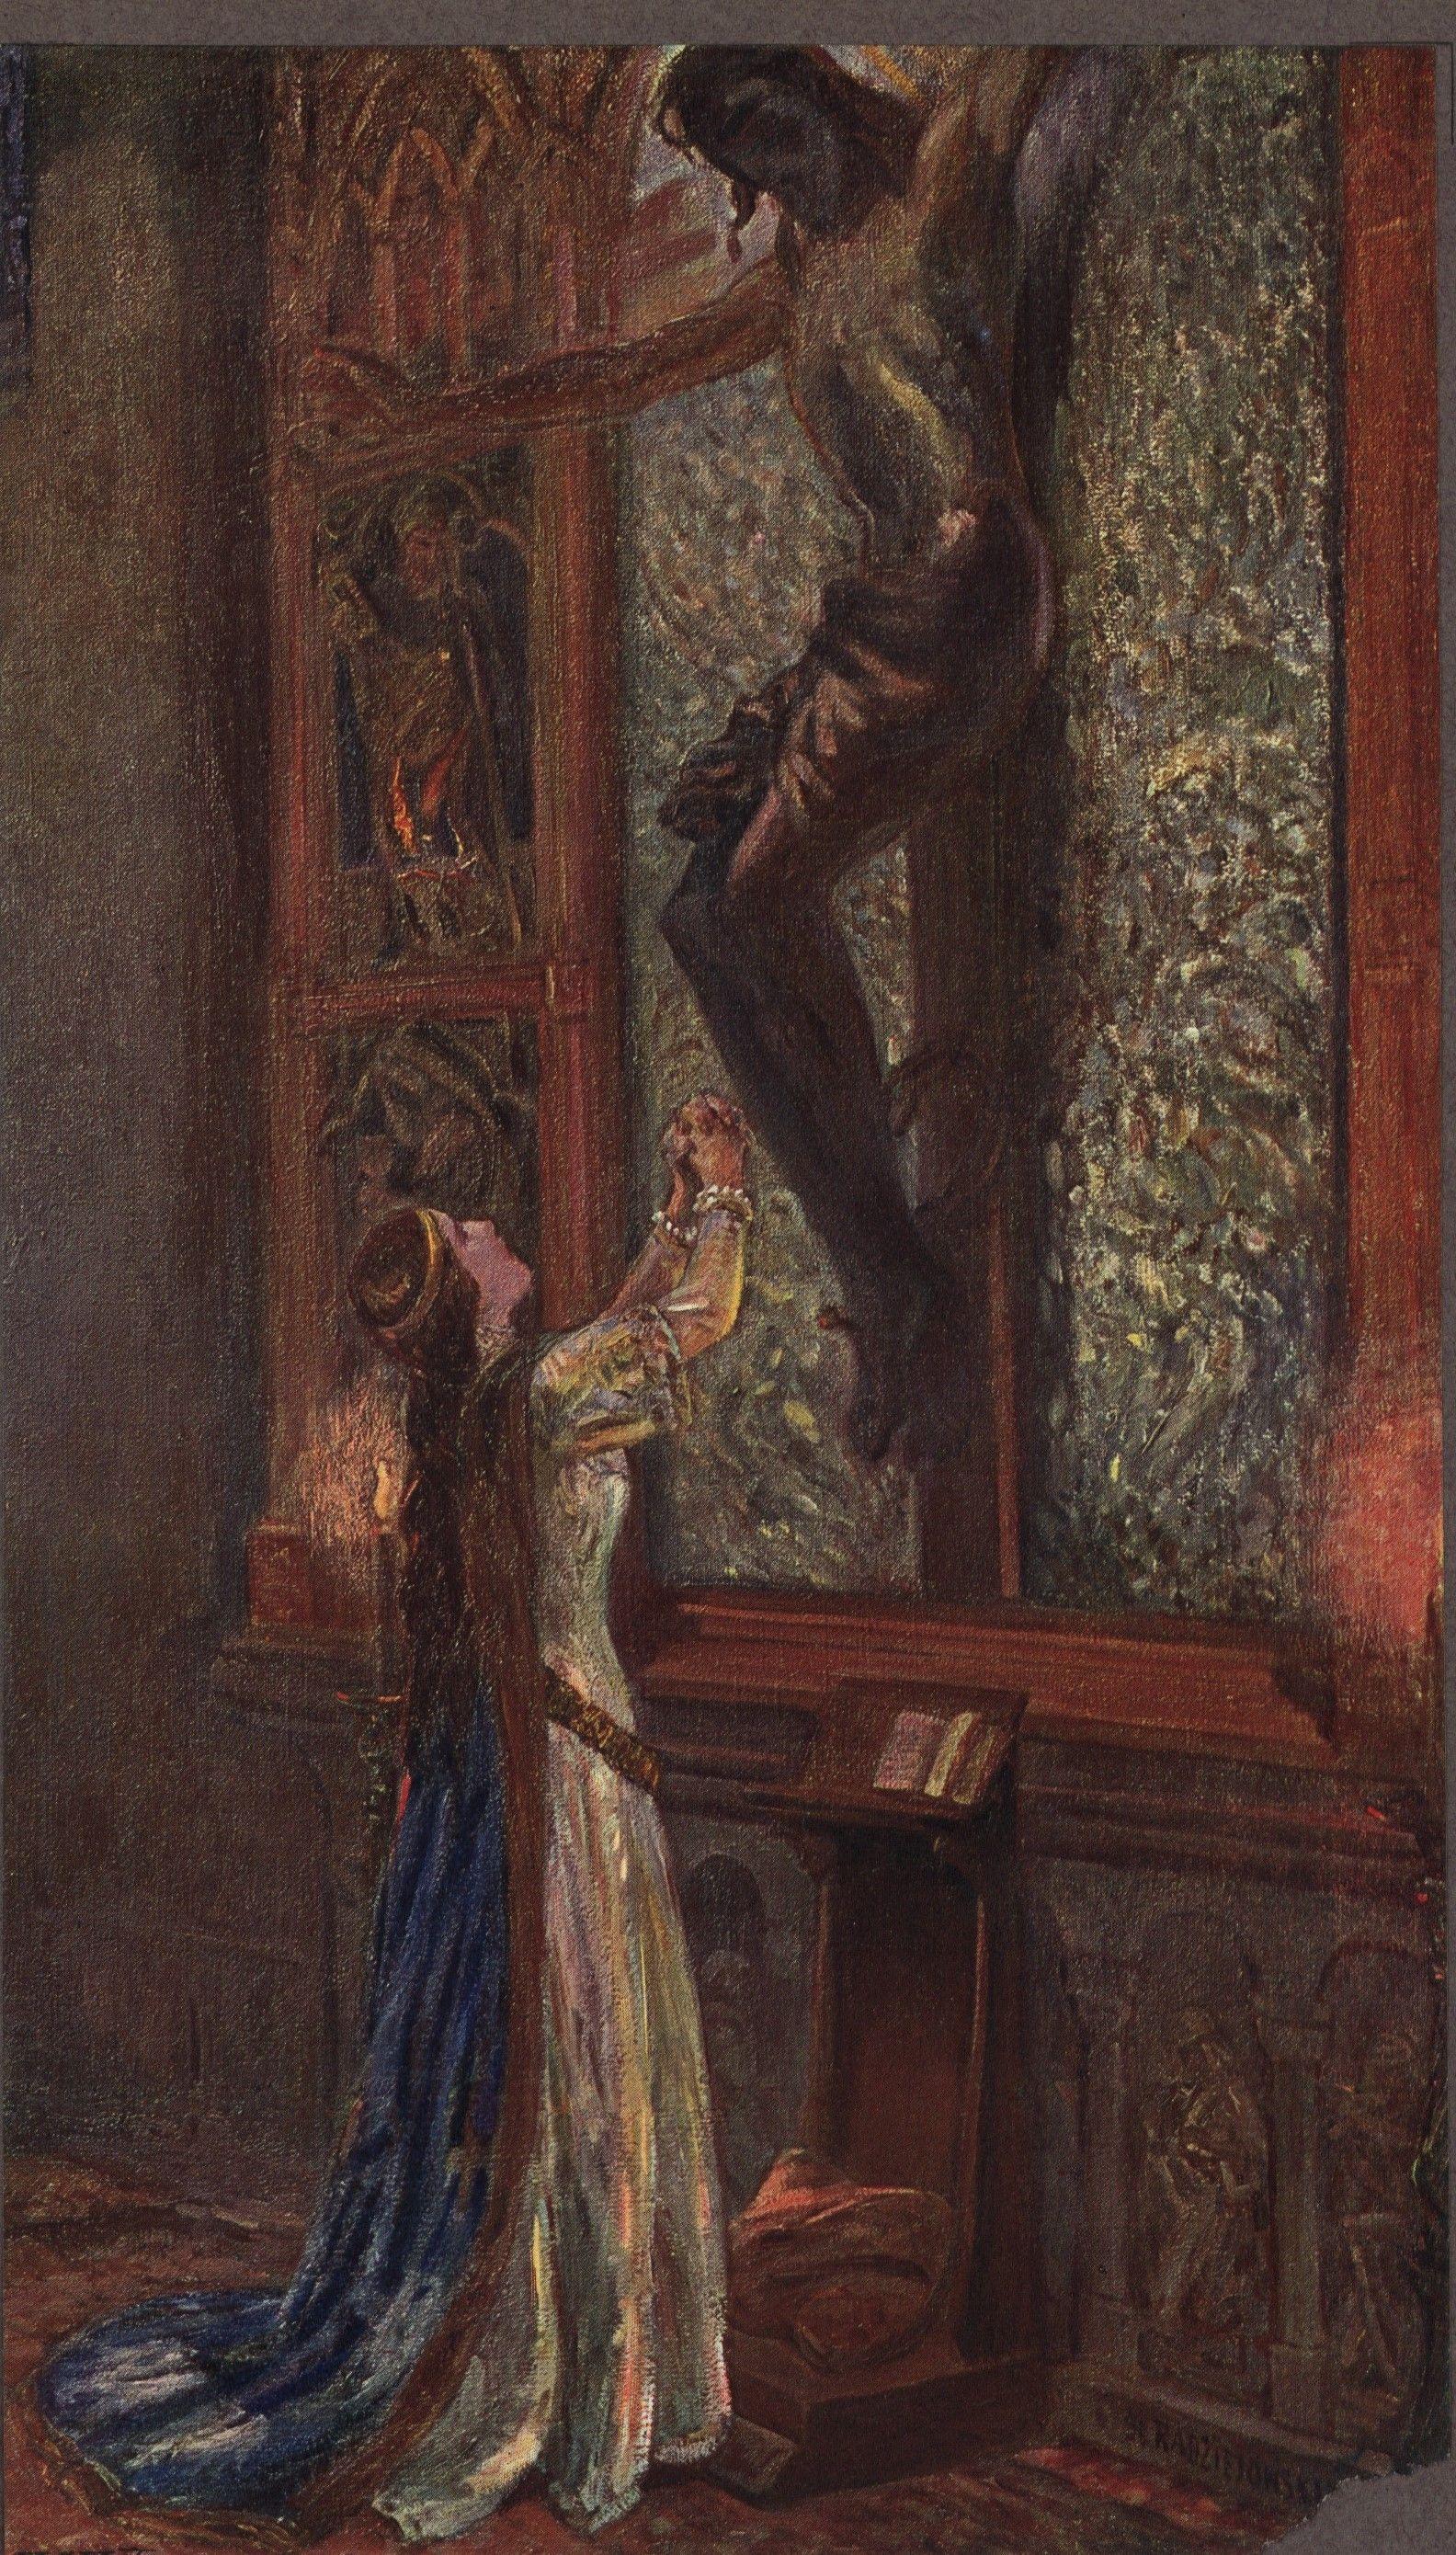 Królowa Jadwiga zgodziła się na zerwanie związku z Wilhelmem Habsburgiem dopiero po długim namyśle i gorliwych modlitwach. Austriacki książę potraktował ją jednak tak, jakby było rozwydrzoną lolitą.